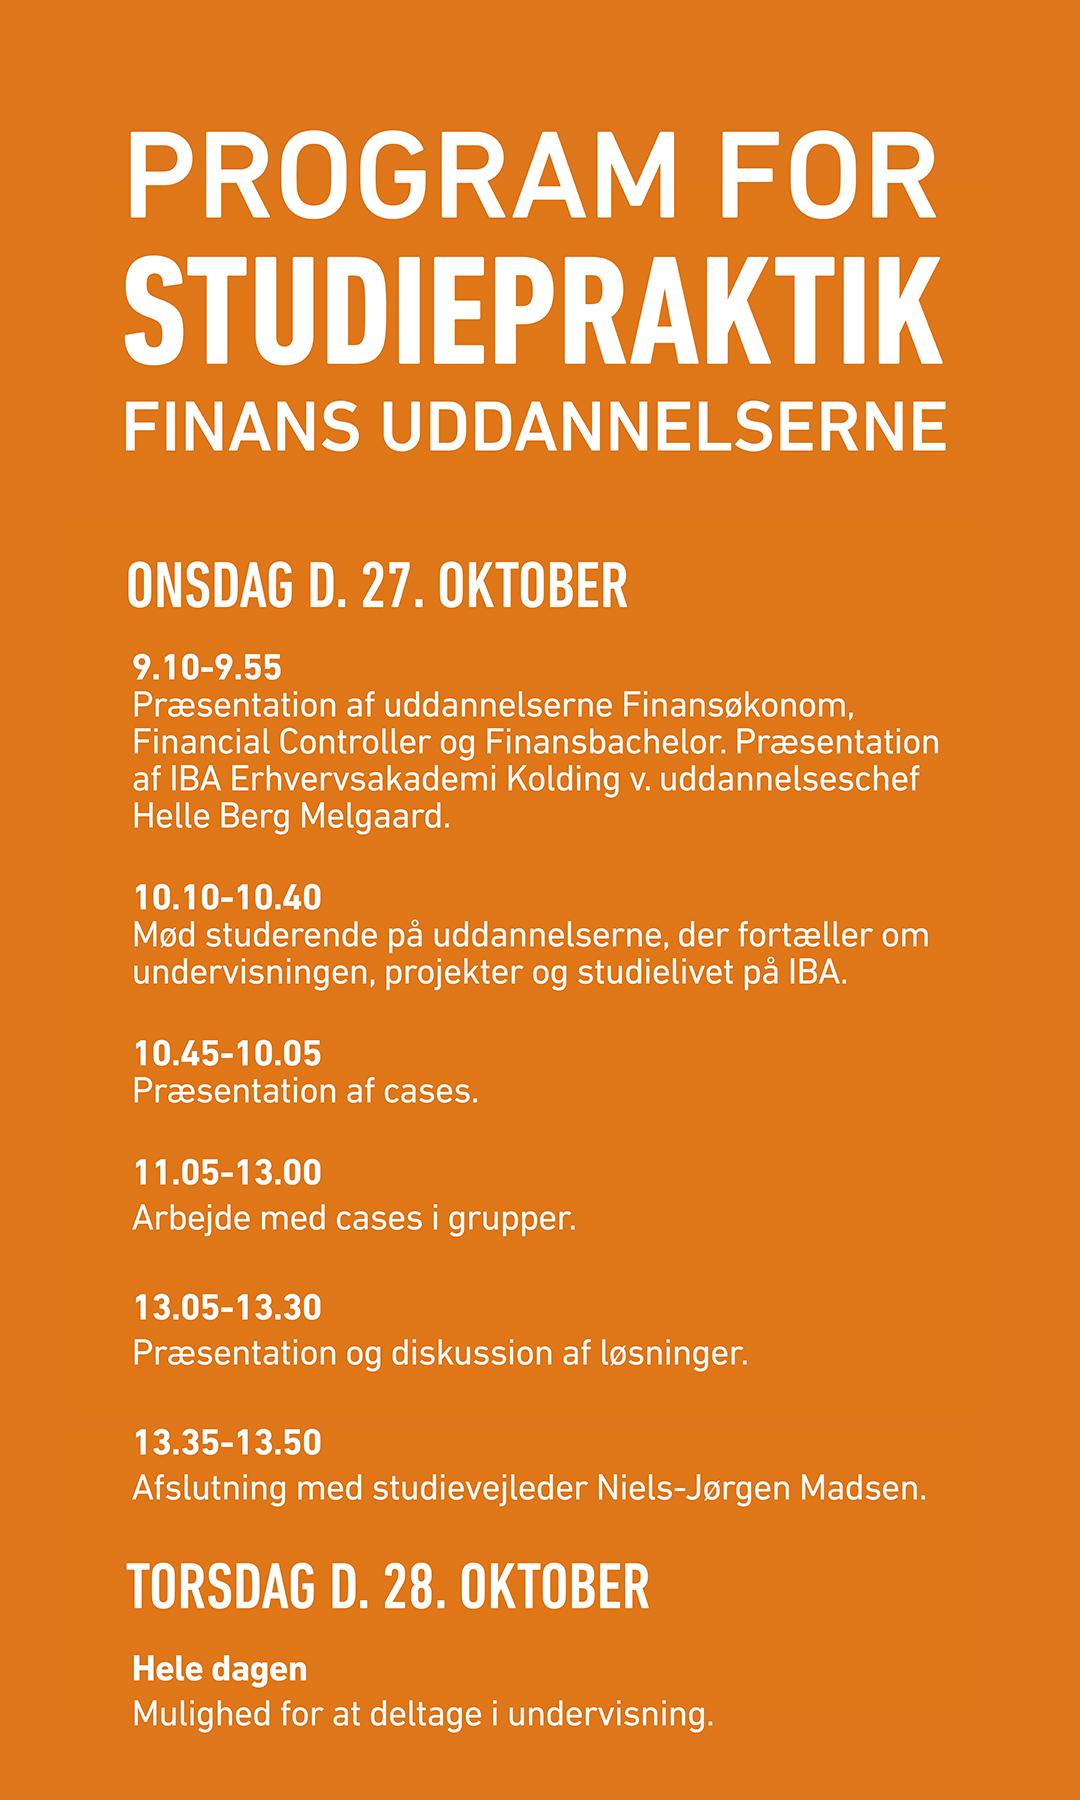 Program for studiepraktik for Finans uddannelserne.